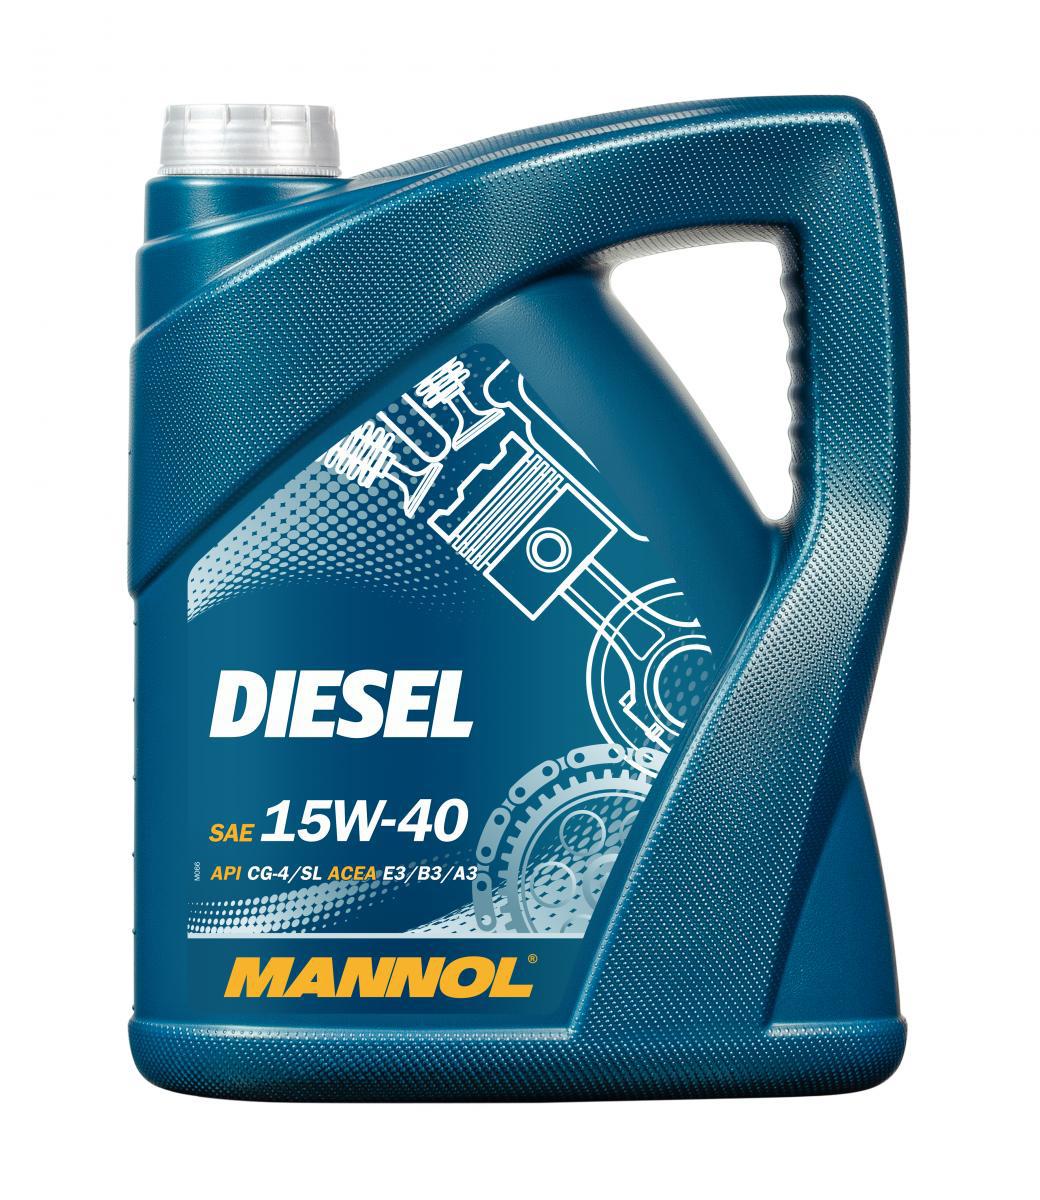 Diesel 15W-40